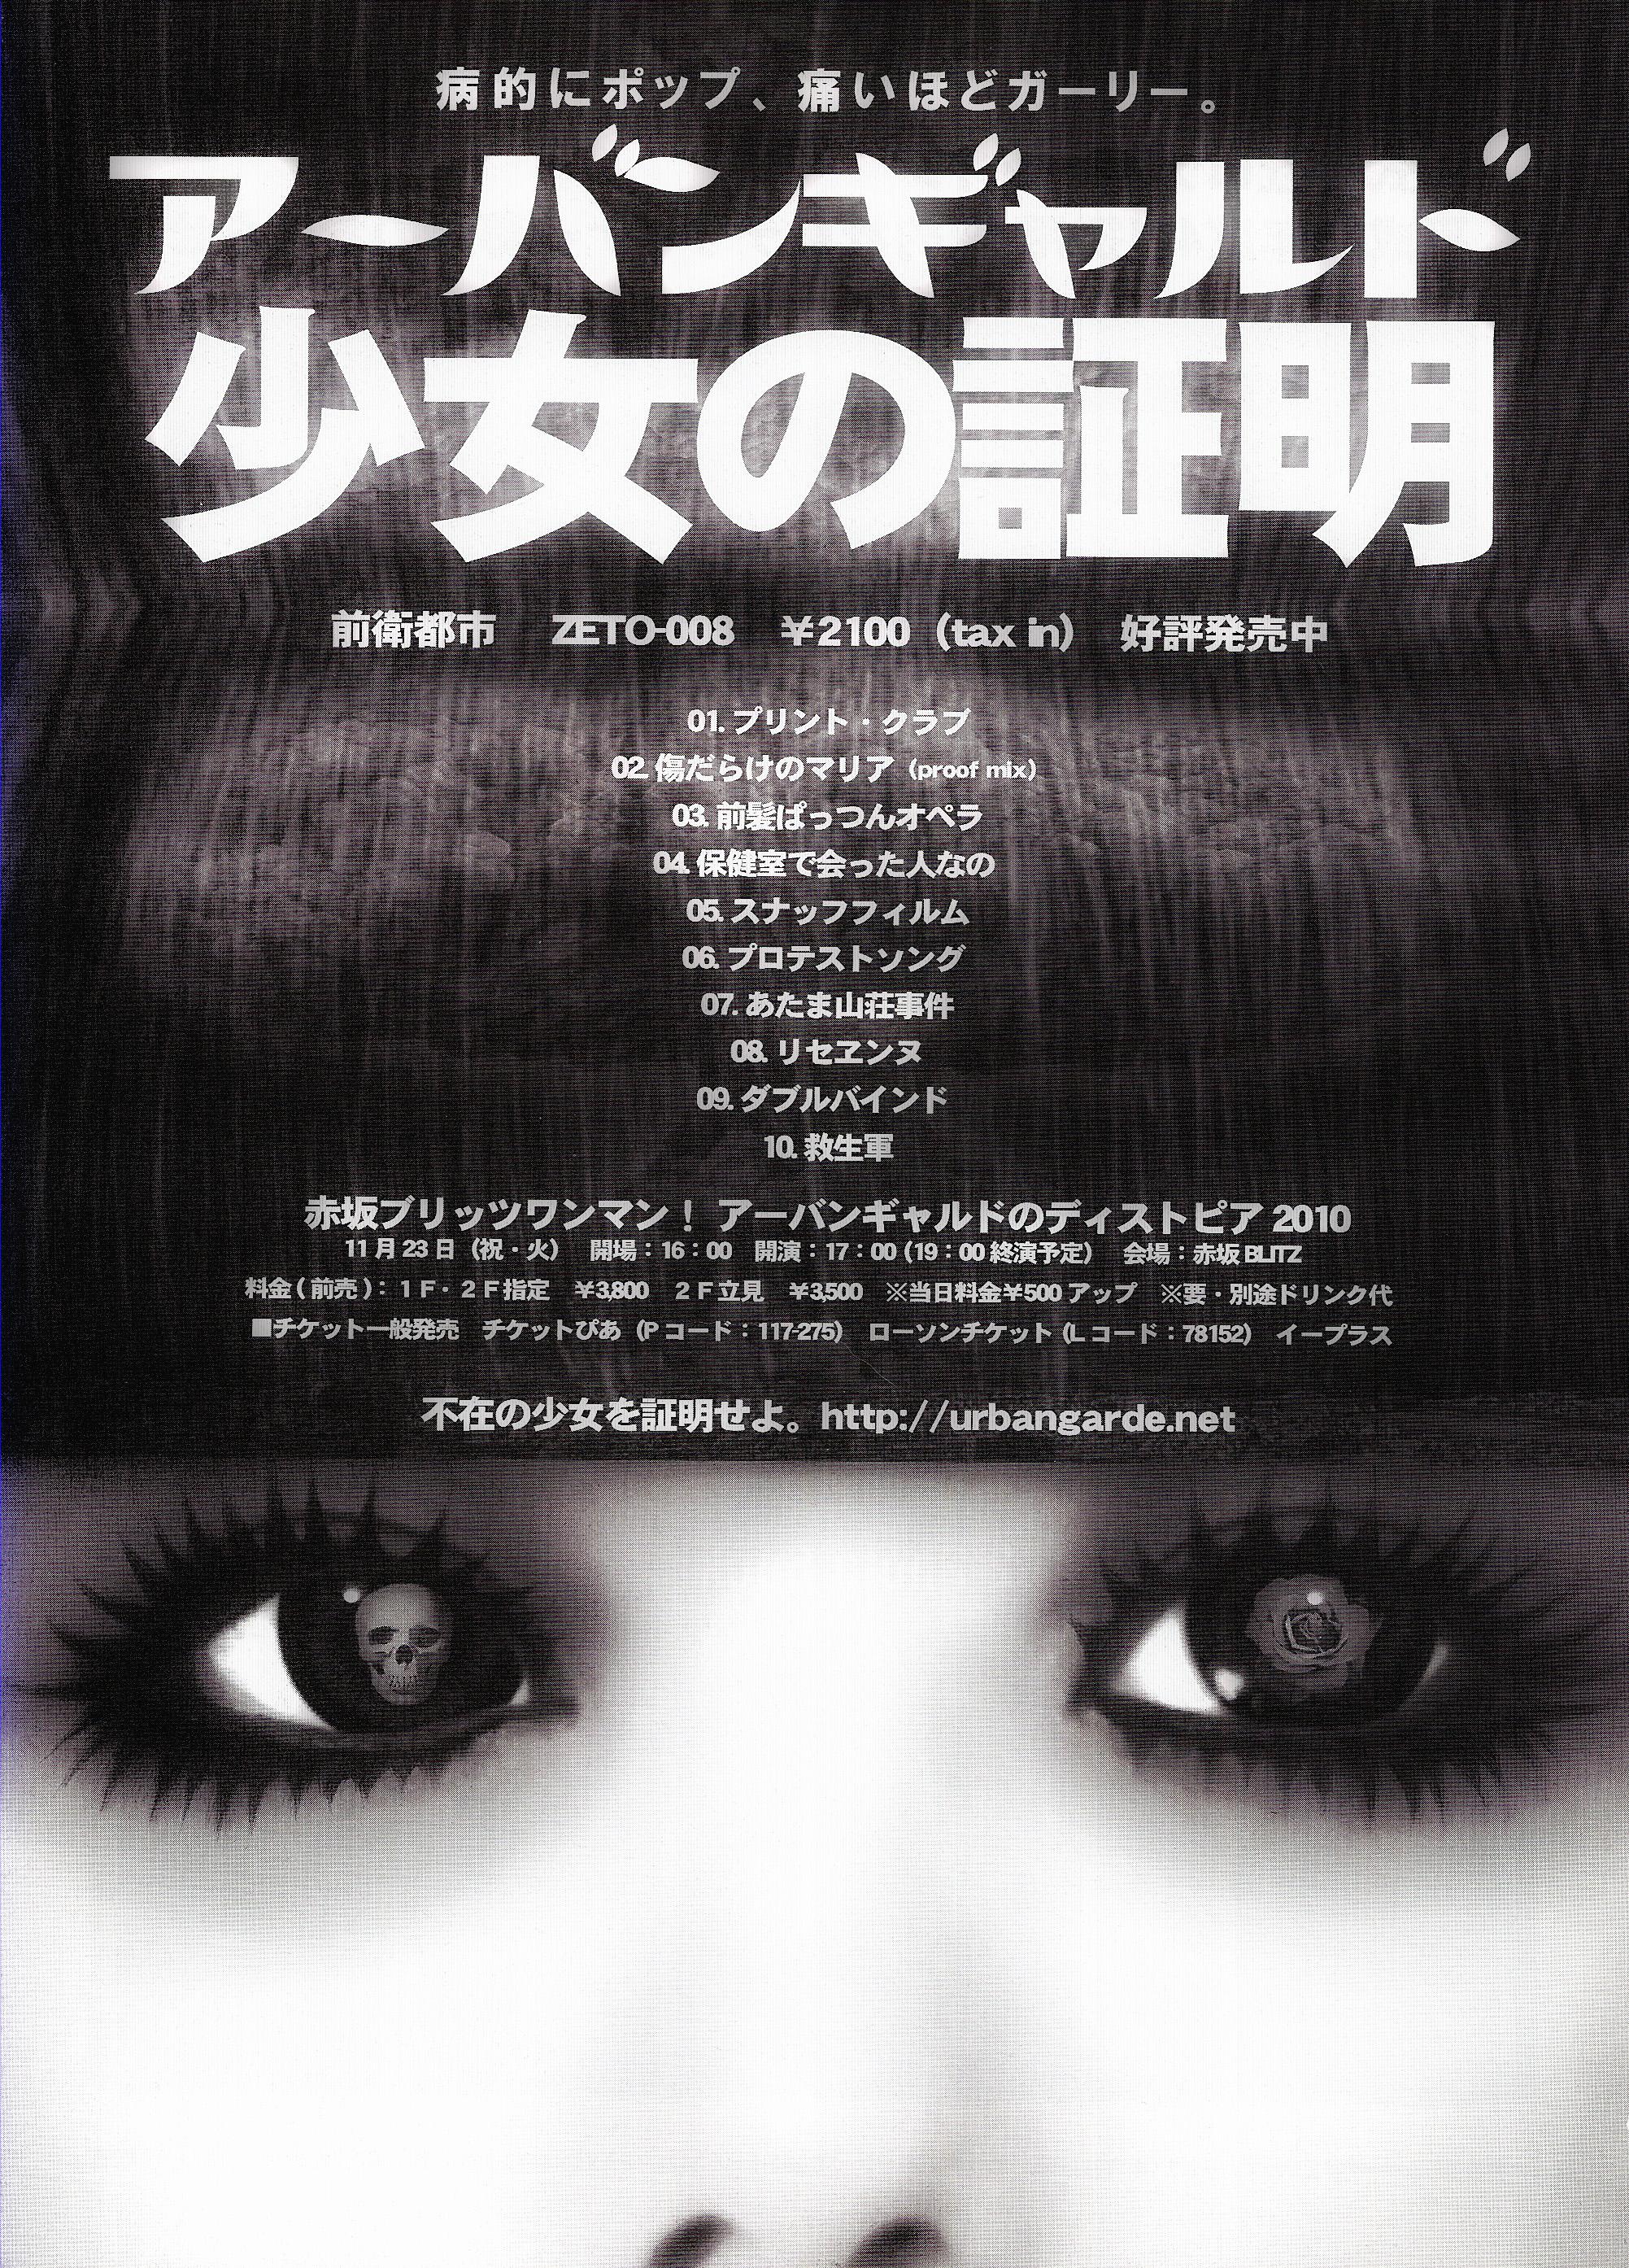 JRock247-Urbangarde-Shojo-no-Shomei-ad2010